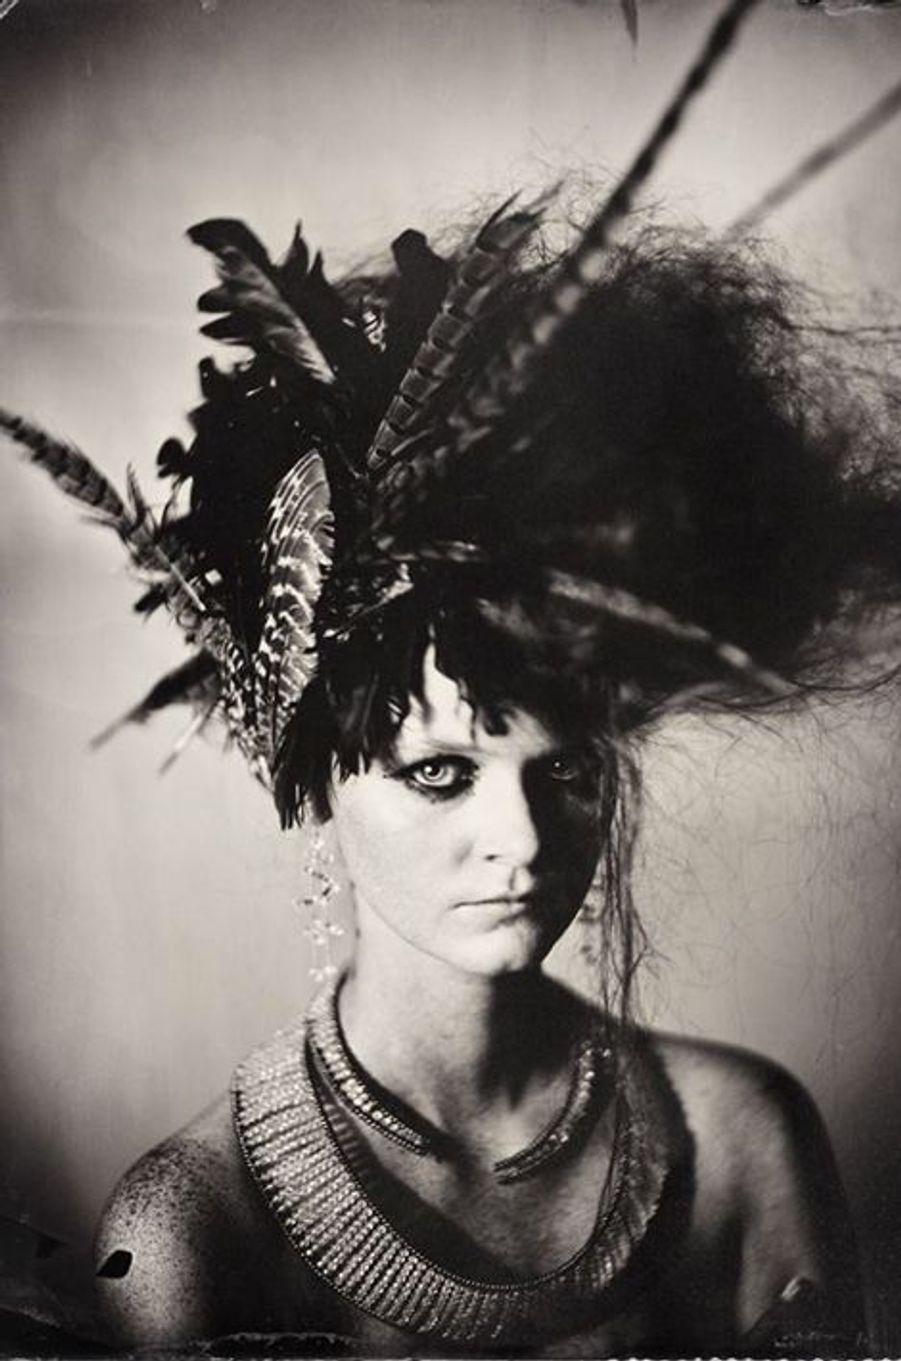 «J'ai voulu photographier la top model Estyn Hubert de manière sauvage… et voilà le résultat, imaginé par le coiffeur Yasutaké Kosaka, la maquilleuse Cheyenne Timperio, la styliste Cynthia Altoriso. Il fallait se dépêcher de prendre la photo parce que malgré la laque, les cheveux commençaient à s'effondrer. 2015»